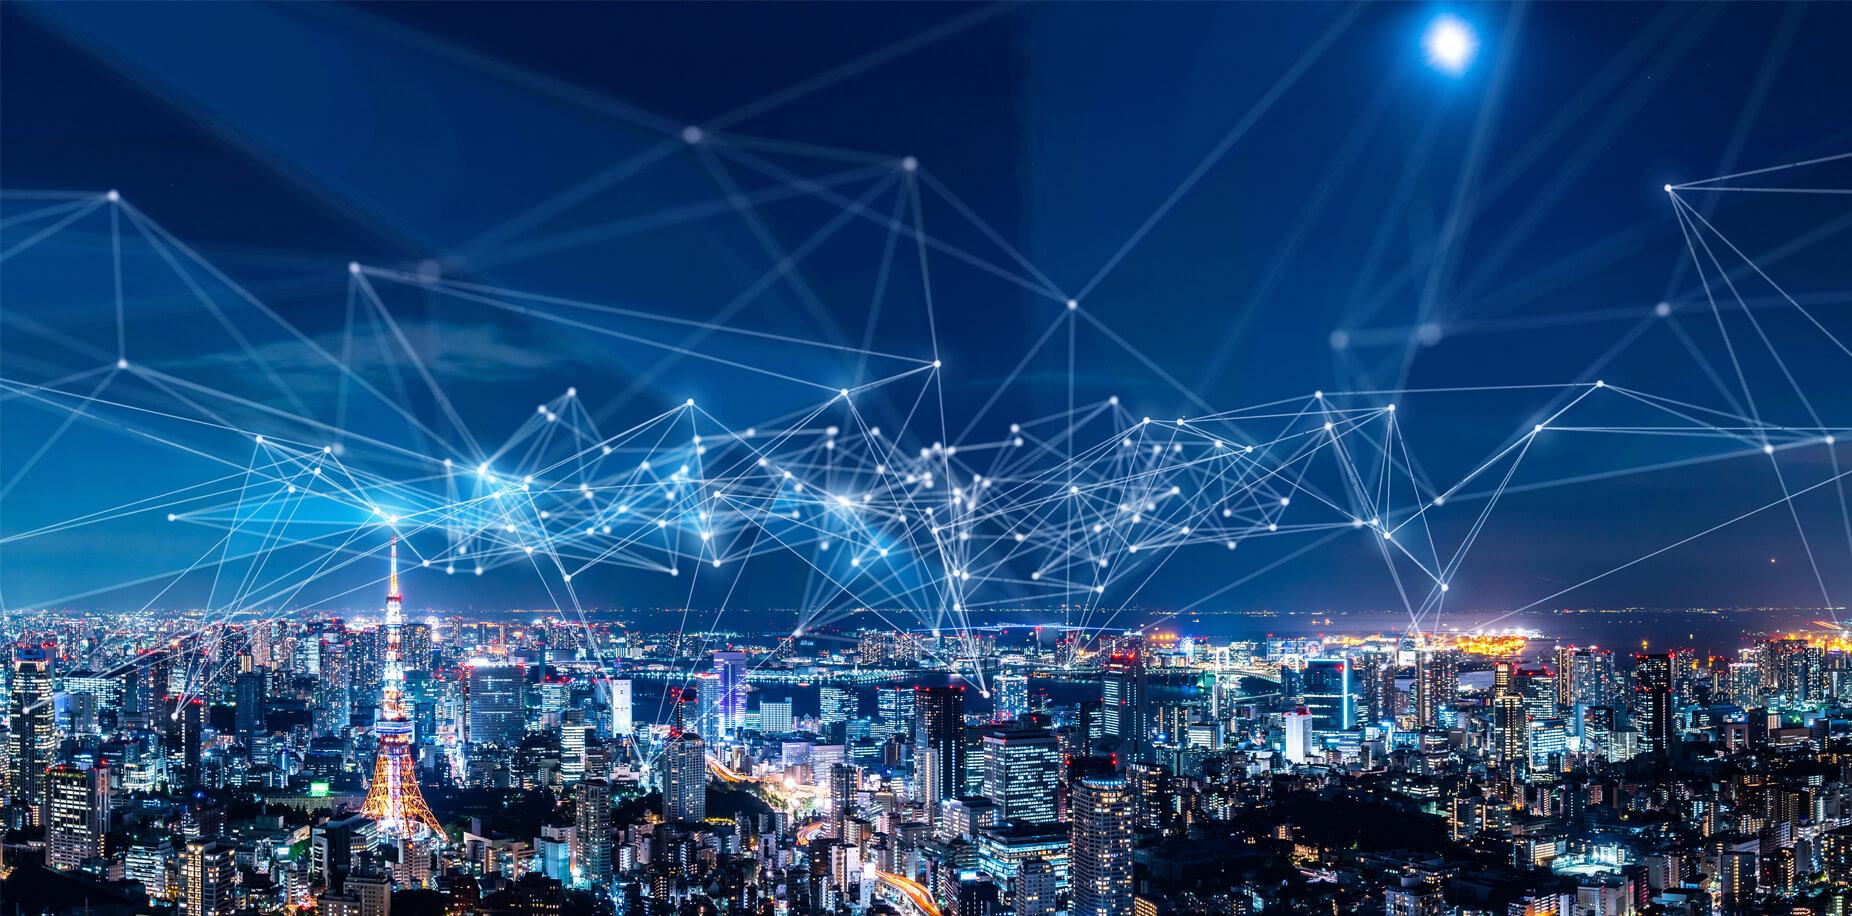 veea__0009_smart cities